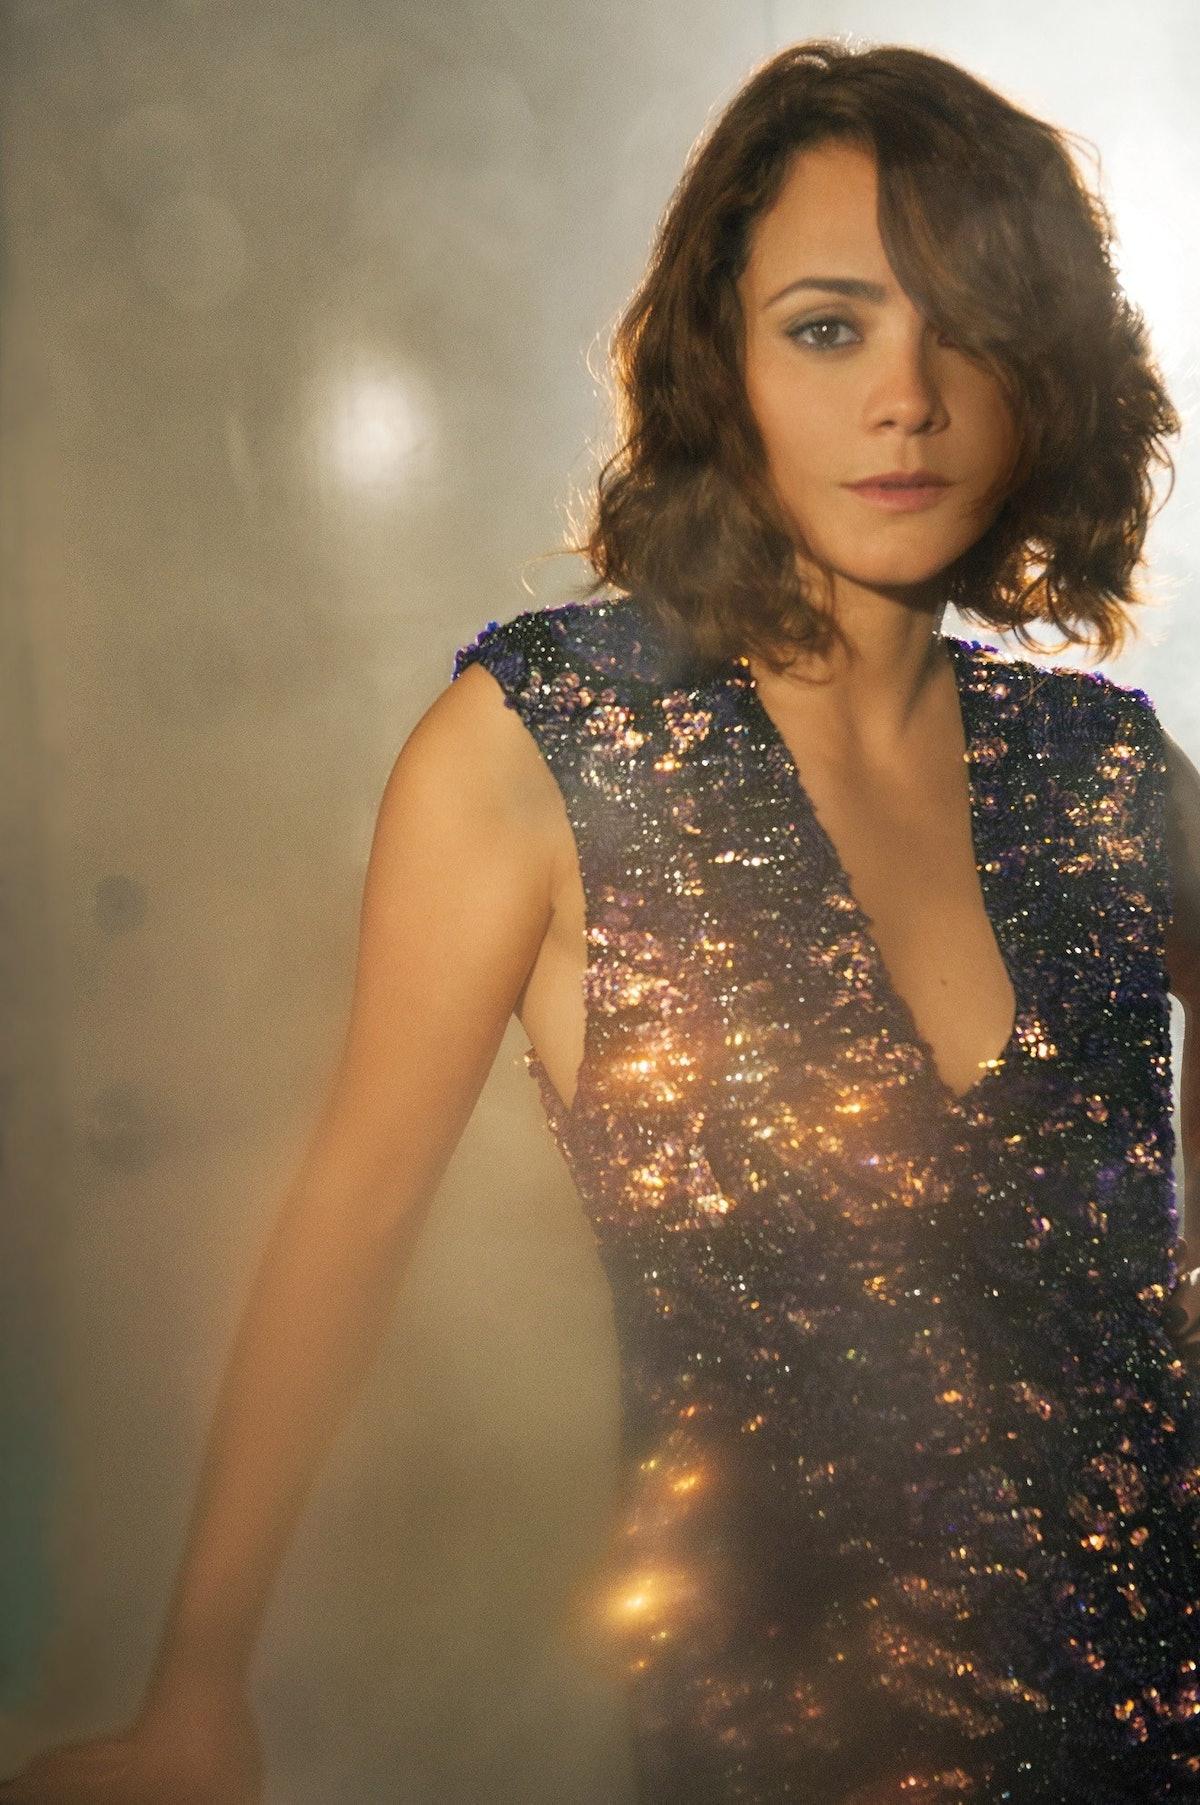 cear-alice-braga-brazilian-actress-e1376516179826.jpg